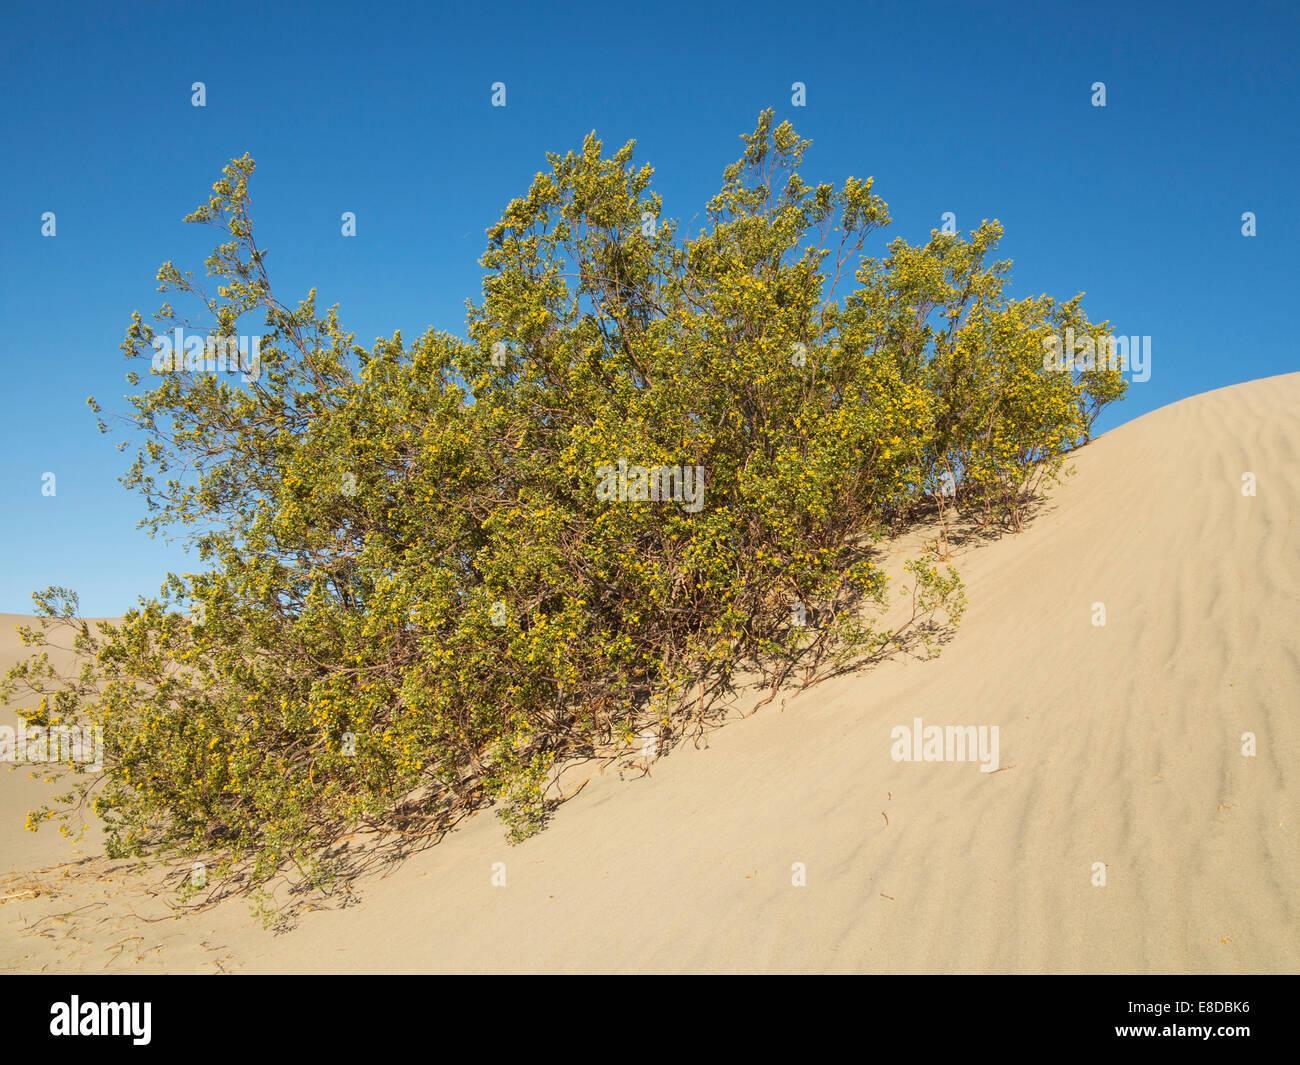 Le miel Mesquite (Prosopis glandulosa torreyana) au printemps en fleurs sur une dune, Mesquite Flat dunes de sable, la vallée de la mort Banque D'Images